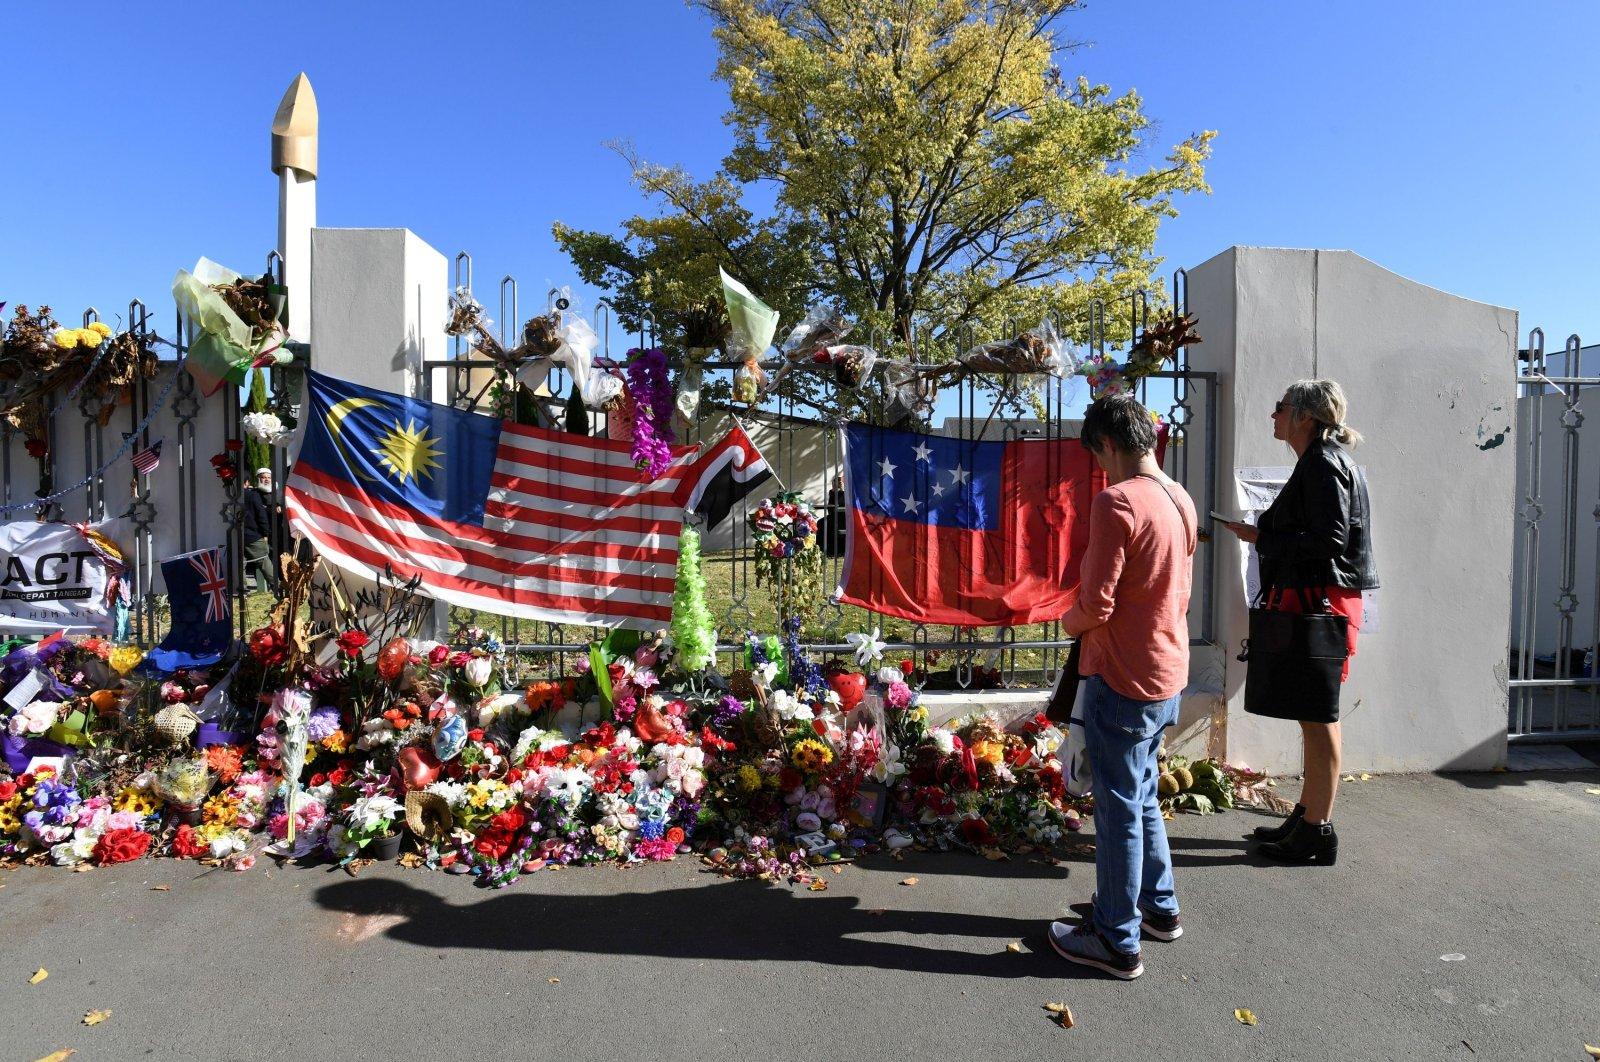 Visitors look at the memorial at Masjid Al Noor mosque in Christchurch, New Zealand, April 26, 2019. (REUTERS Photo)